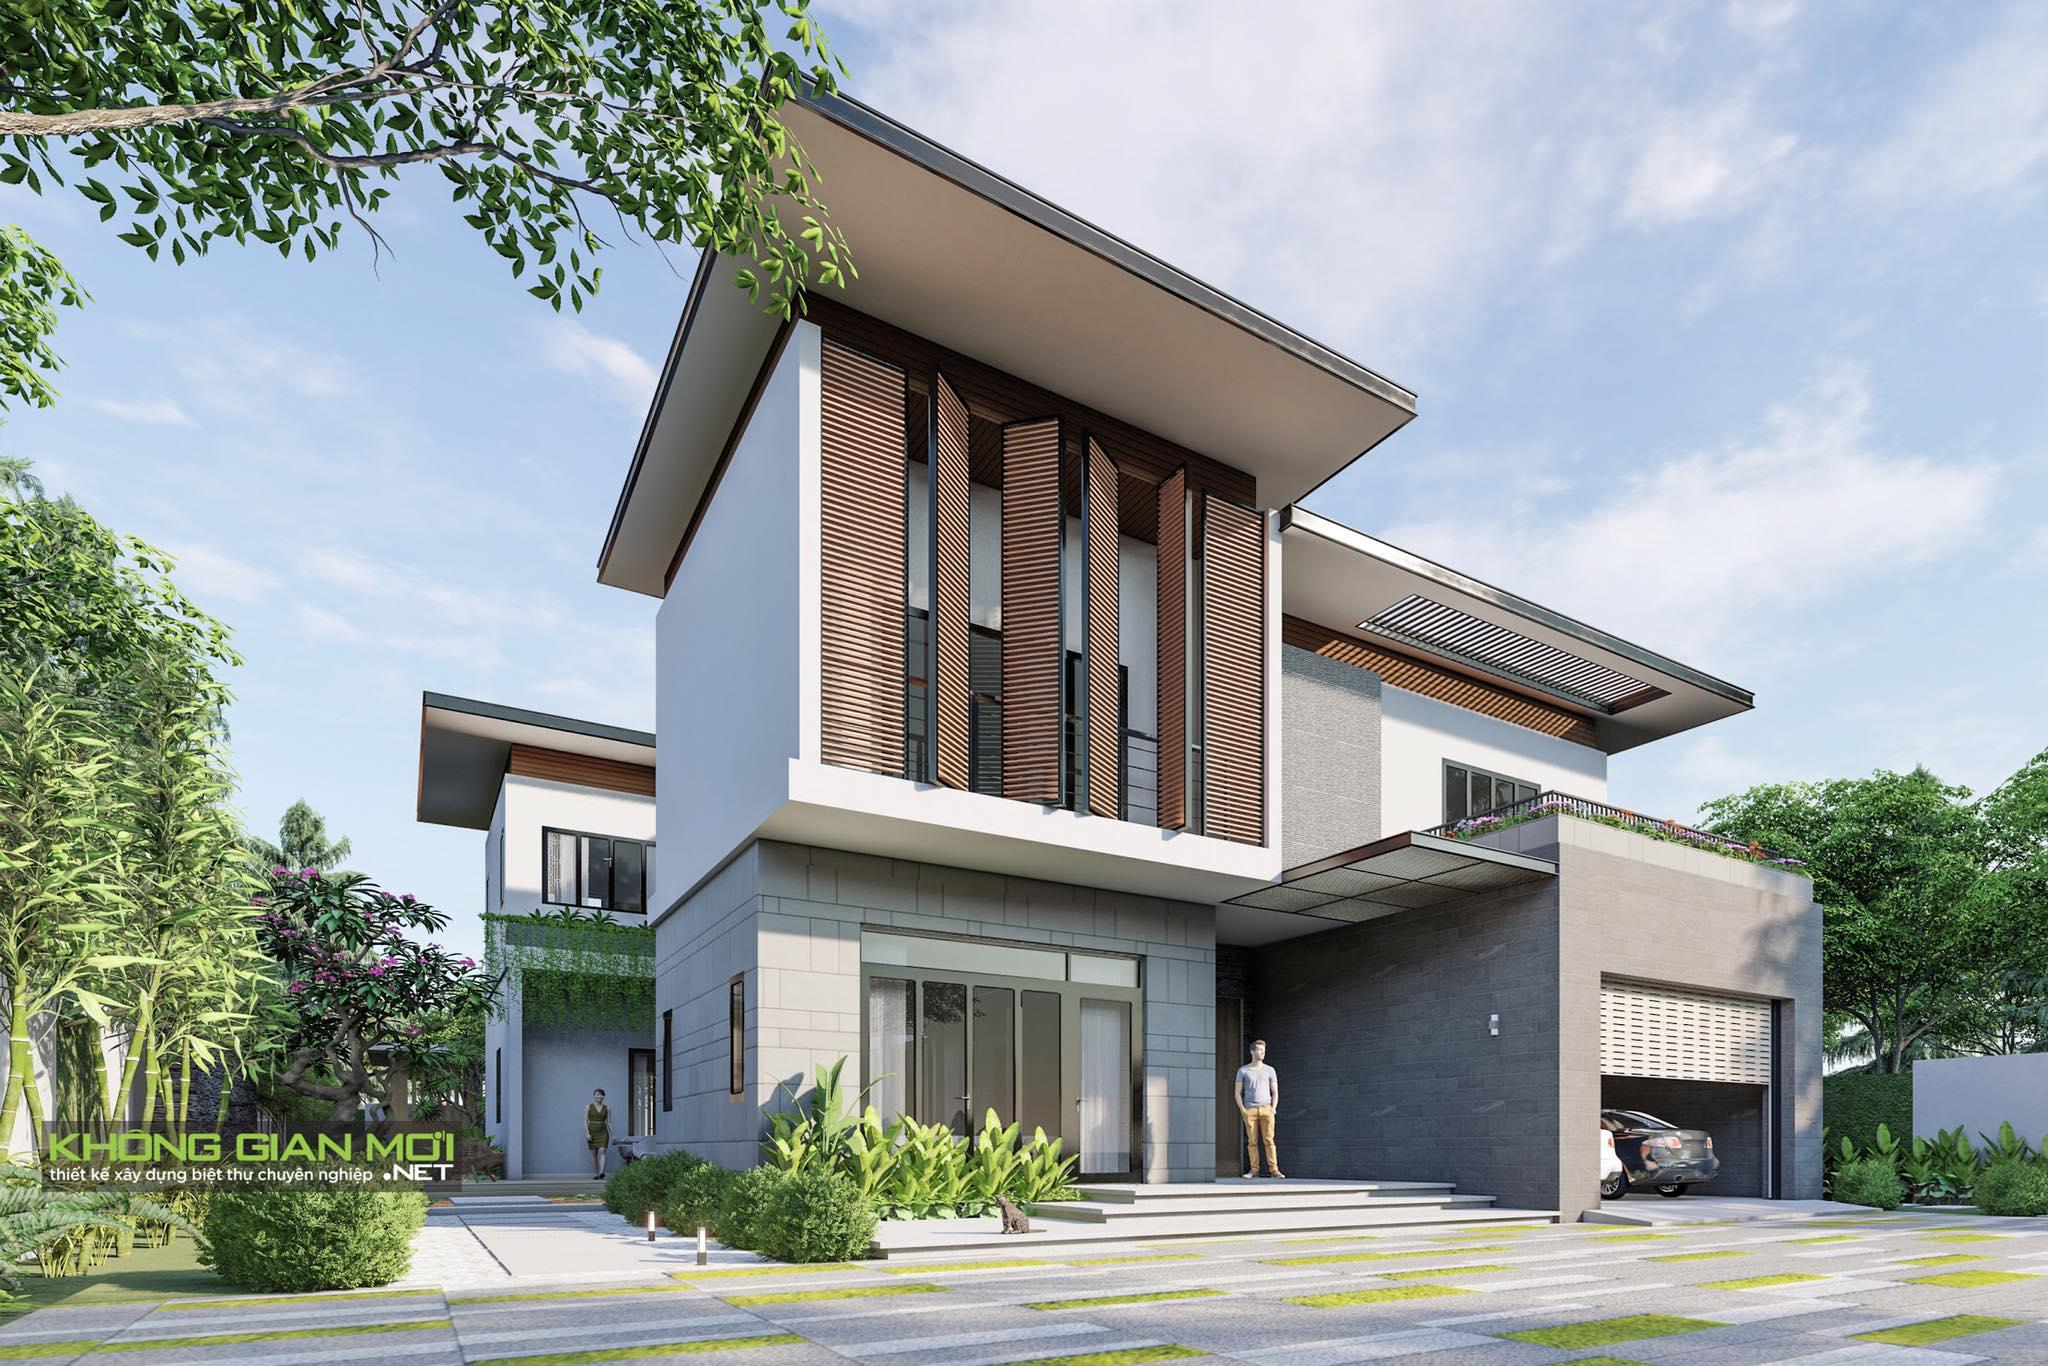 thiết kế Biệt Thự 2 tầng tại Tiền Giang KGM THIẾT KẾ XÂY DỰNG BIỆT THỰ - TIỀN GIANG 3 1562642646